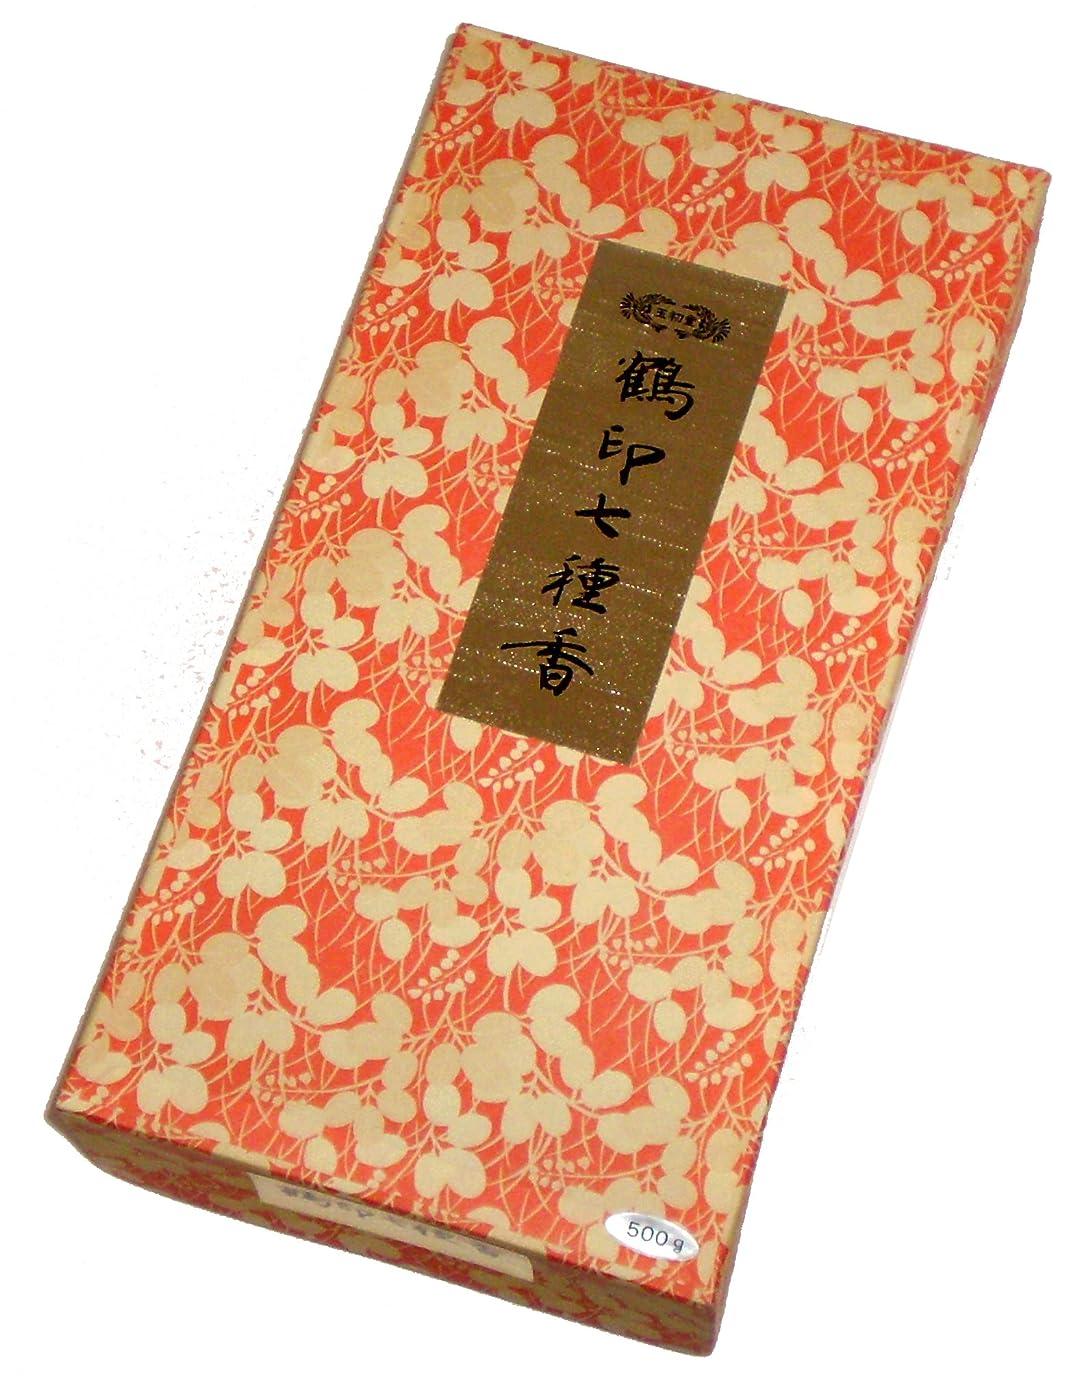 哀れなクリップカロリー玉初堂のお香 鶴印七種香 500g #671